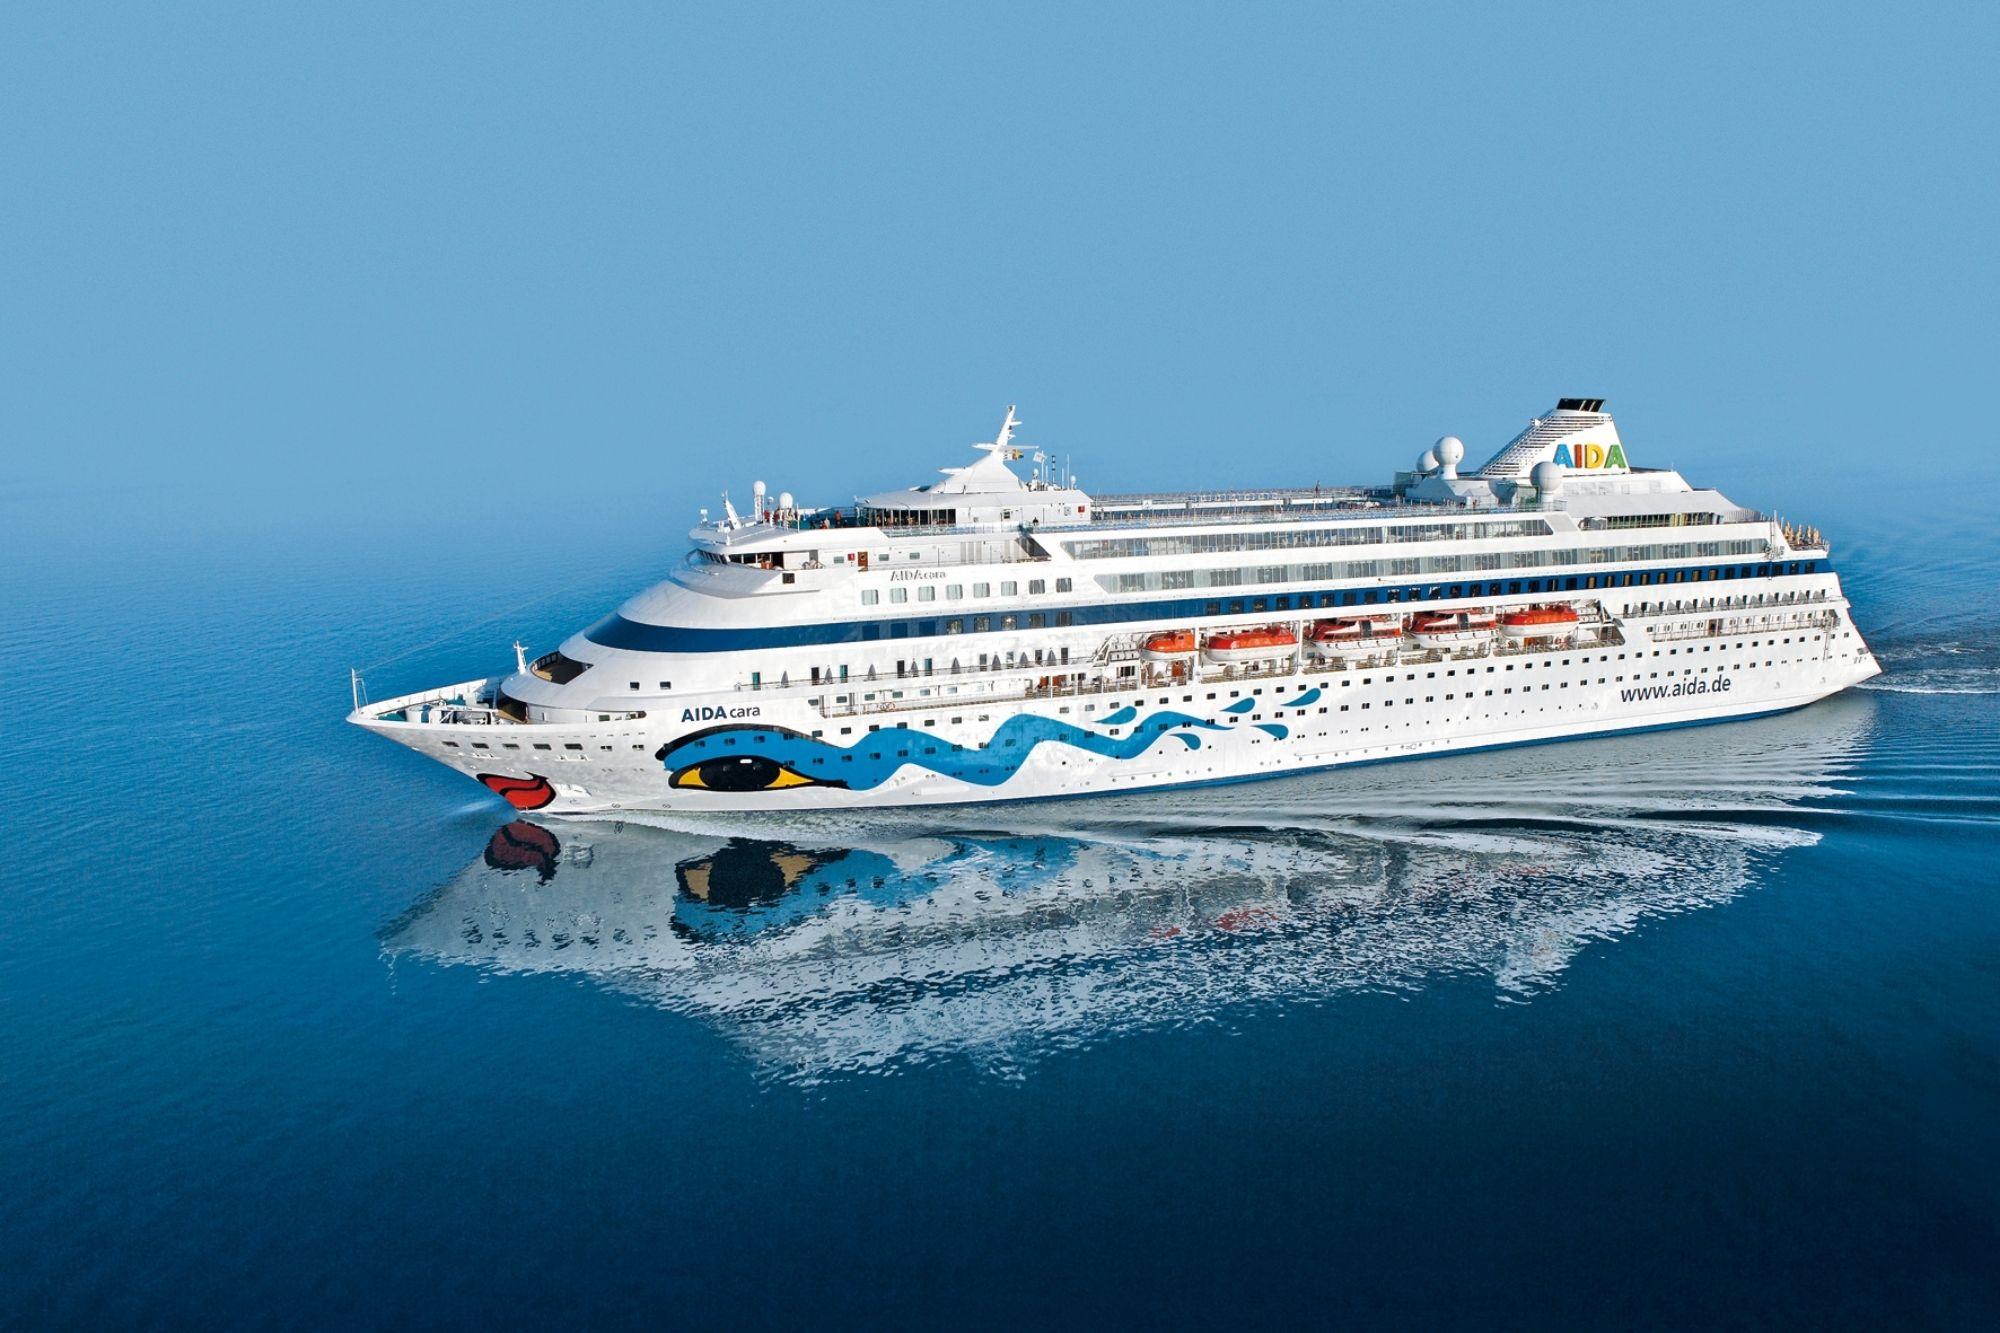 AIDAcara verlässt die Flotte von AIDA Cruises, dritter Helios-Neubau kommt nicht